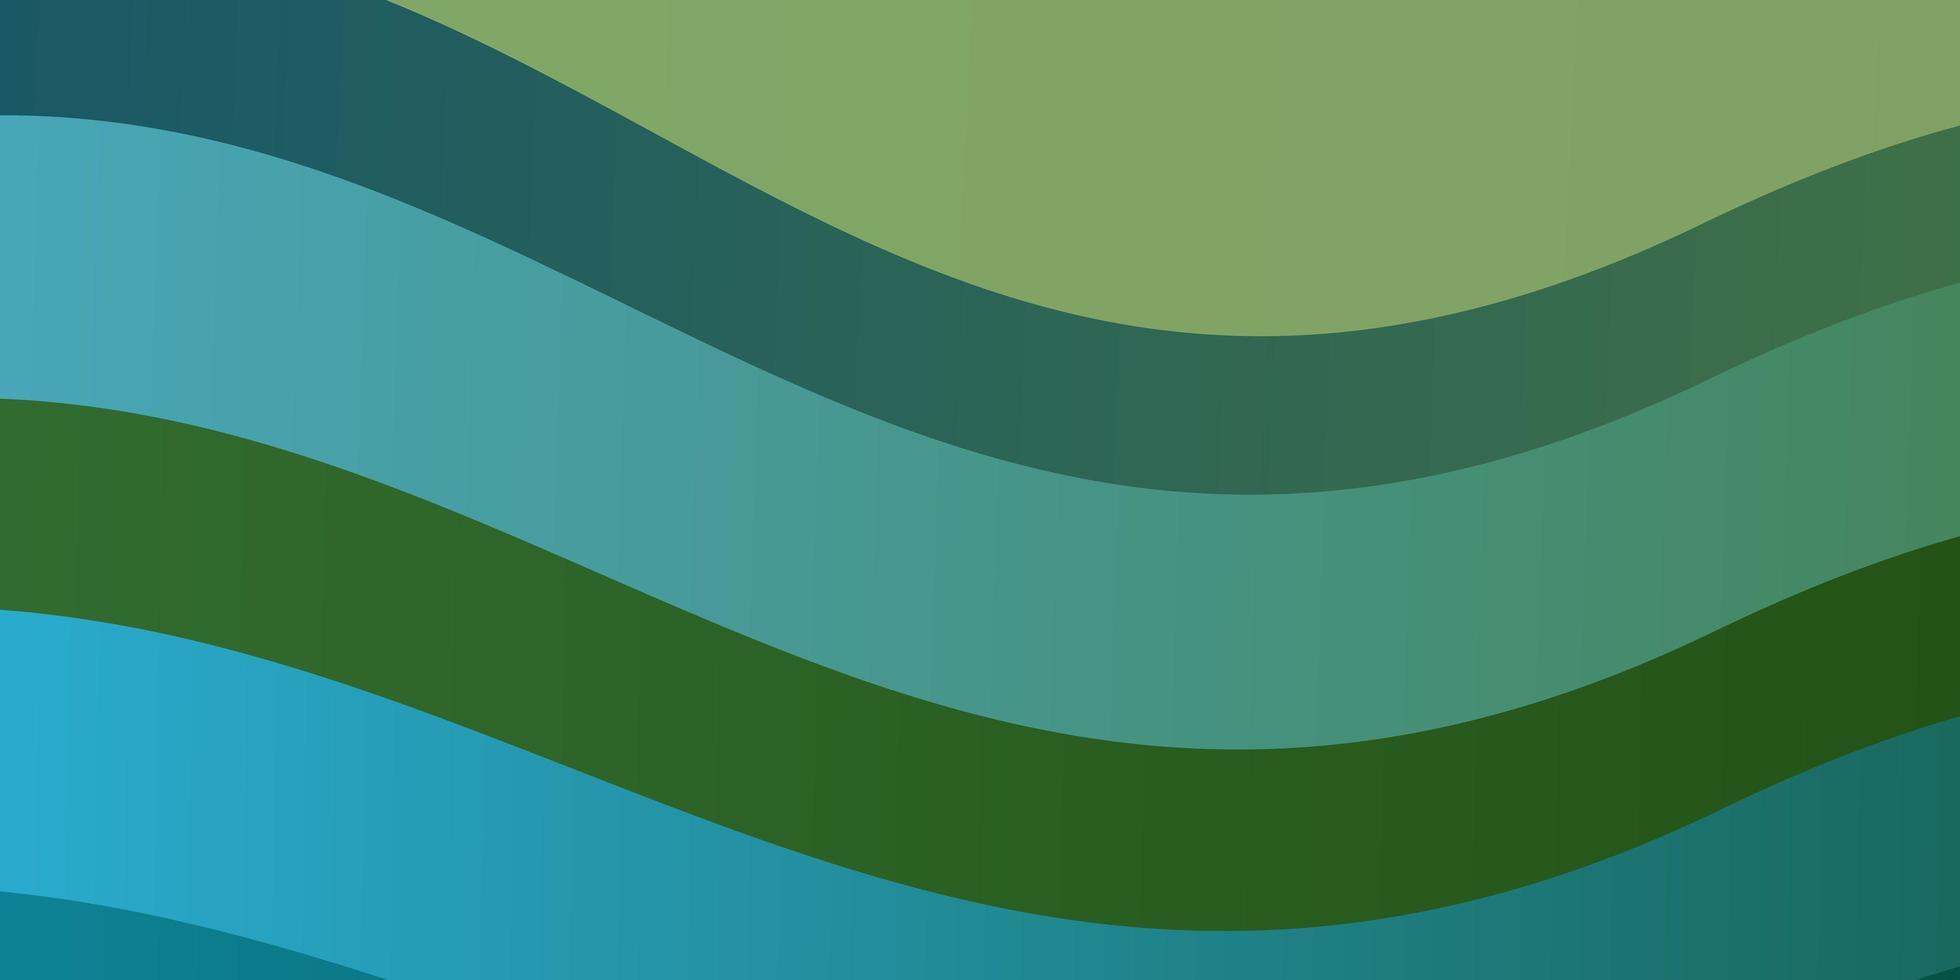 layout de vetor azul e verde claro com linhas irônicas.